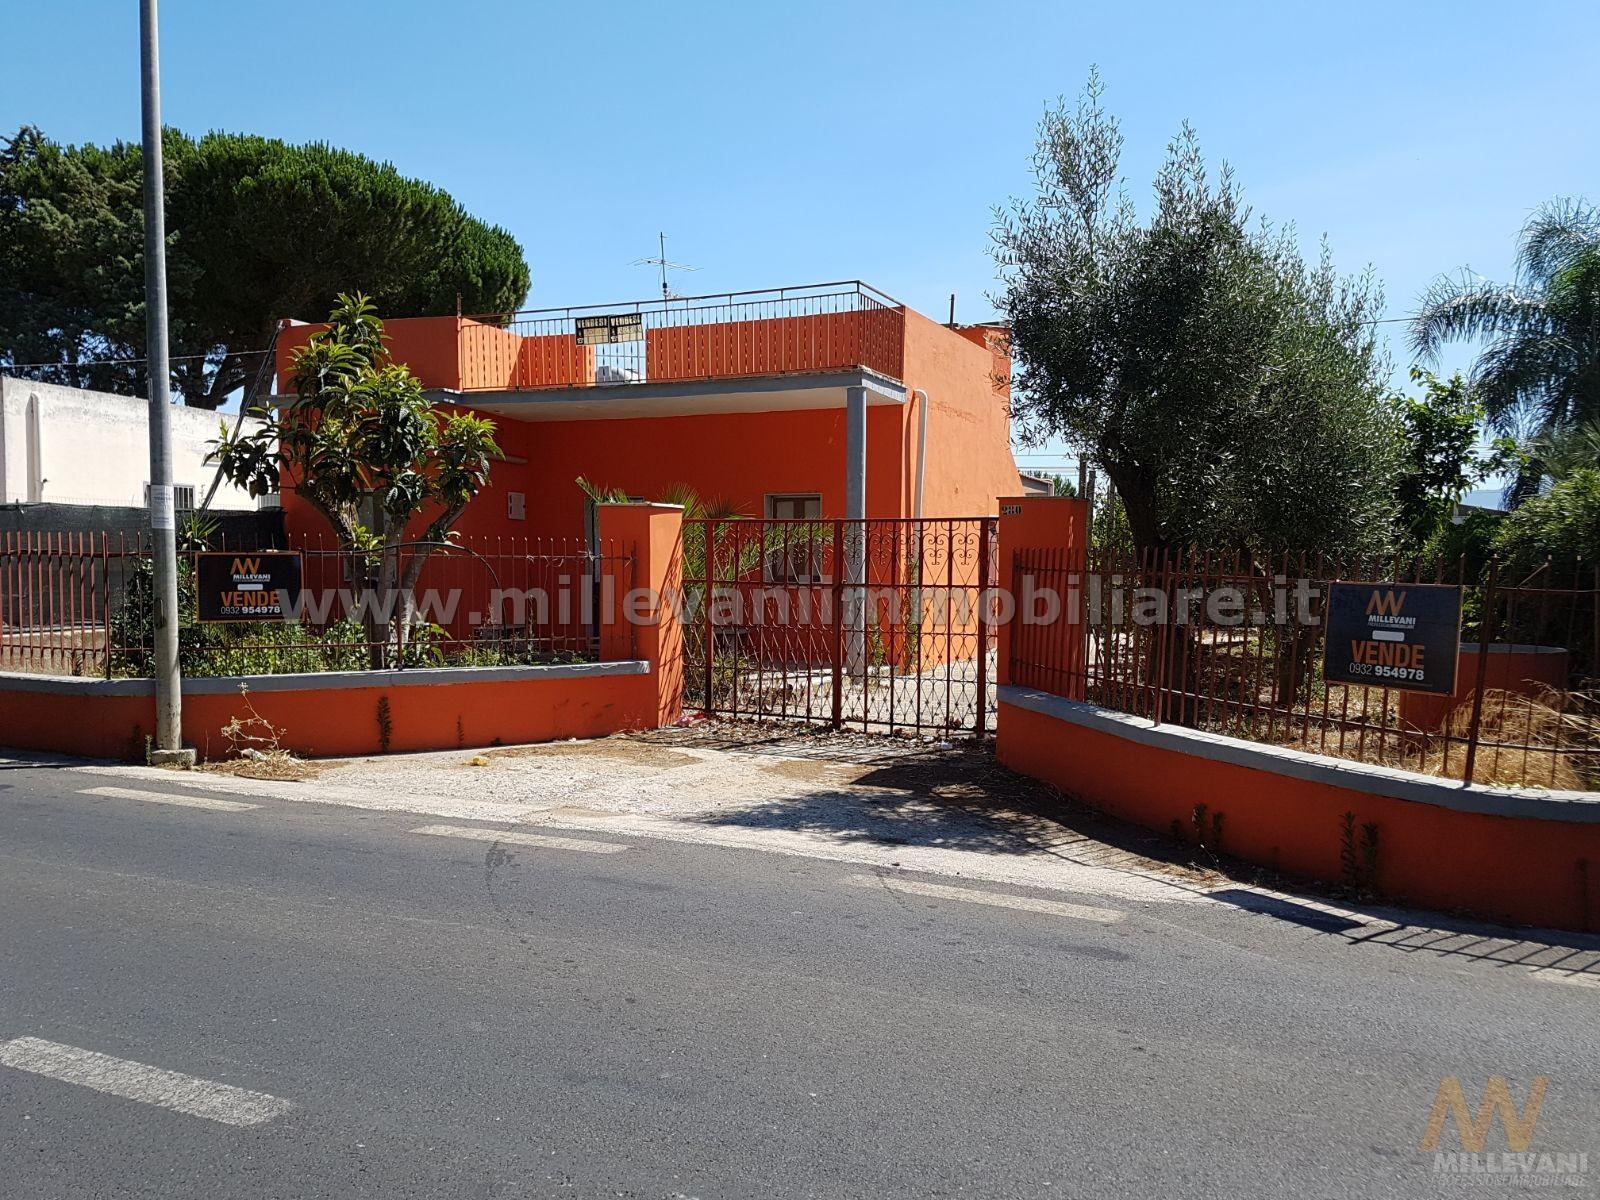 Soluzione Indipendente in vendita a Comiso, 4 locali, zona Zona: Pedalino, prezzo € 70.000 | CambioCasa.it